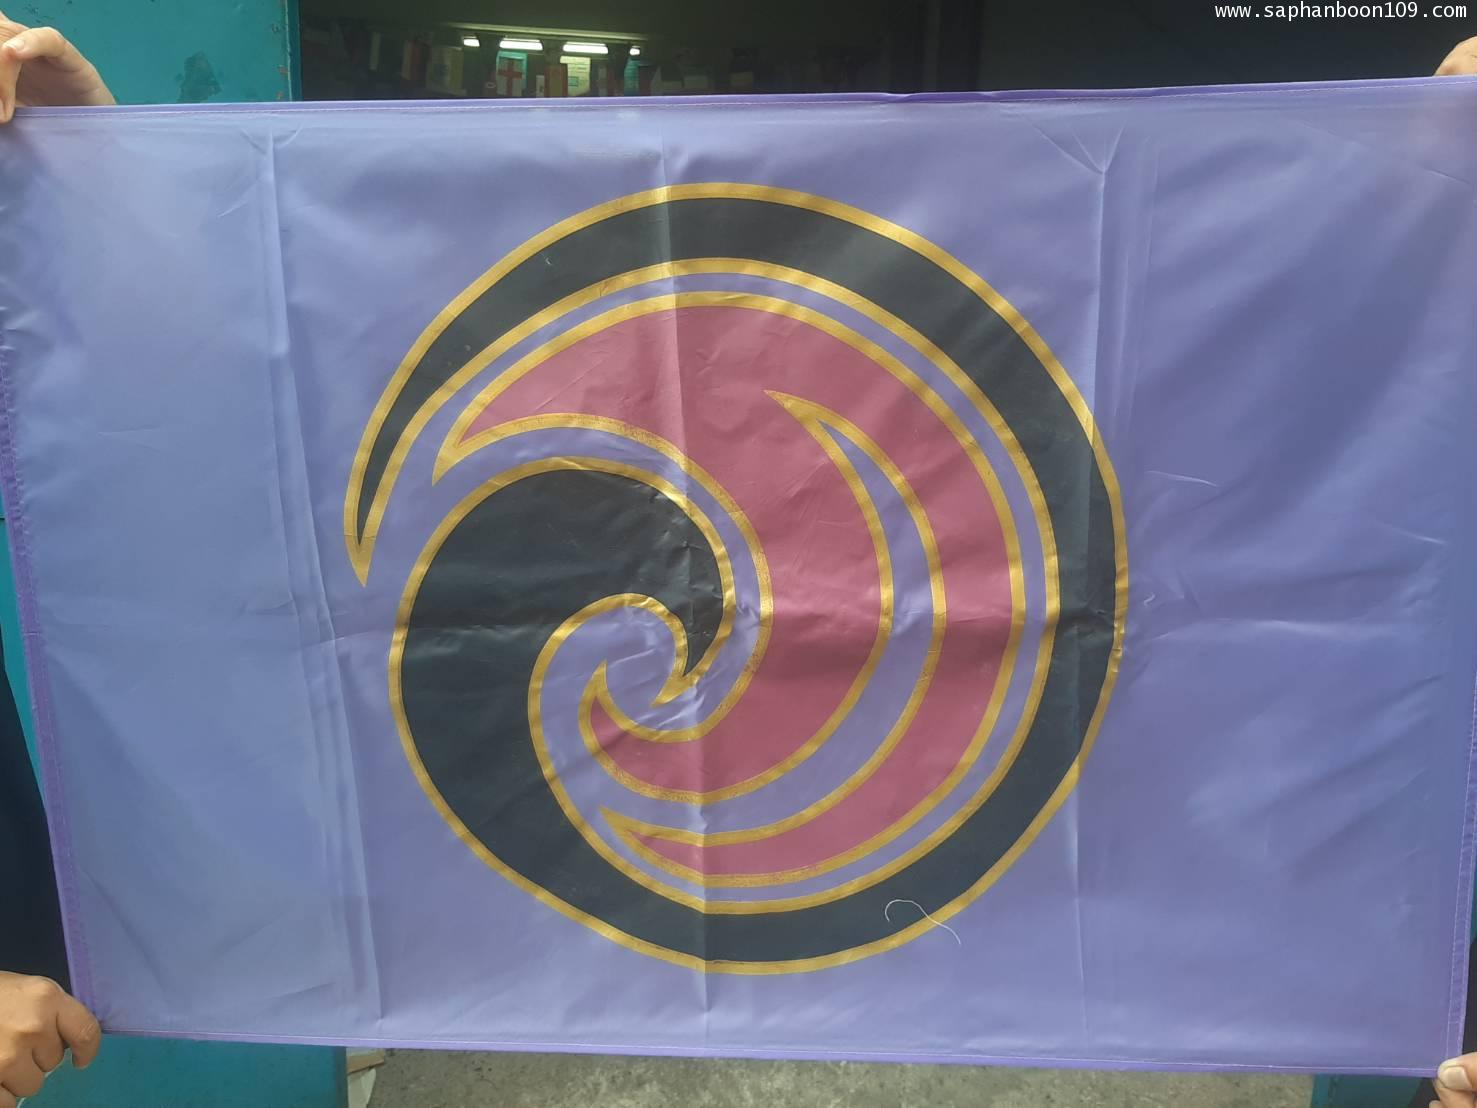 ธงประจำพระองค์ต่างๆ ราชวงศ์จักรี 2